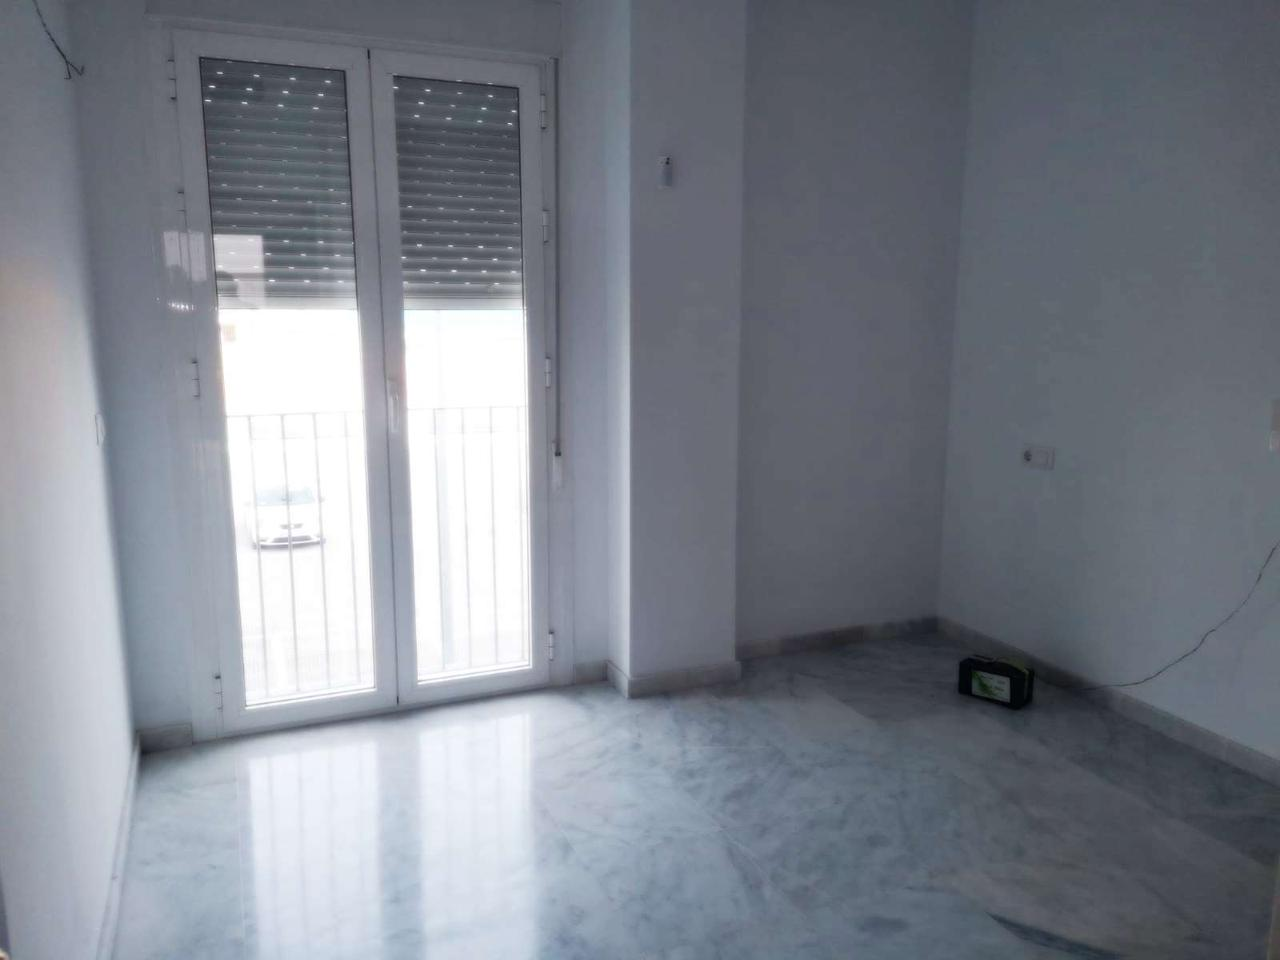 Hogalia soluciones inmobiliarias piso en alquiler en dos hermanas de 41 m2 - Pisos de alquiler en dos hermanas particulares ...